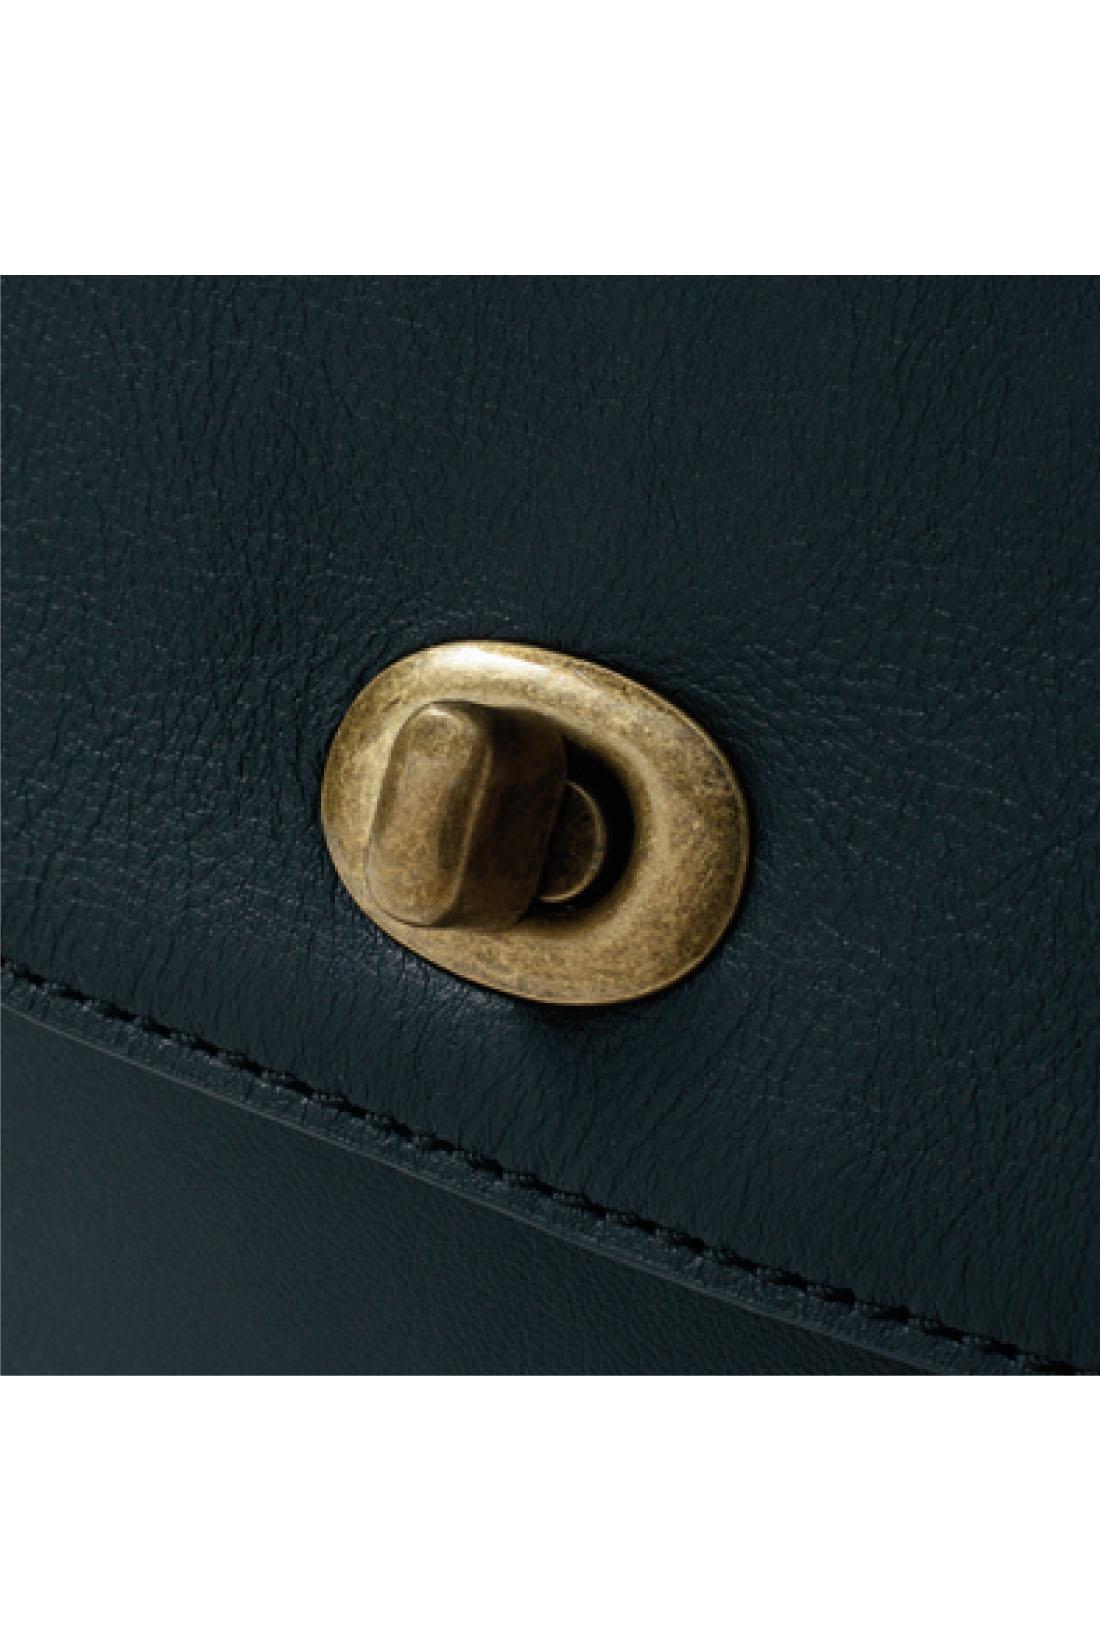 しっとりした風合いの本革になじむアンティークゴールドの金具で存在感を出した、上質なシンプルデザイン。